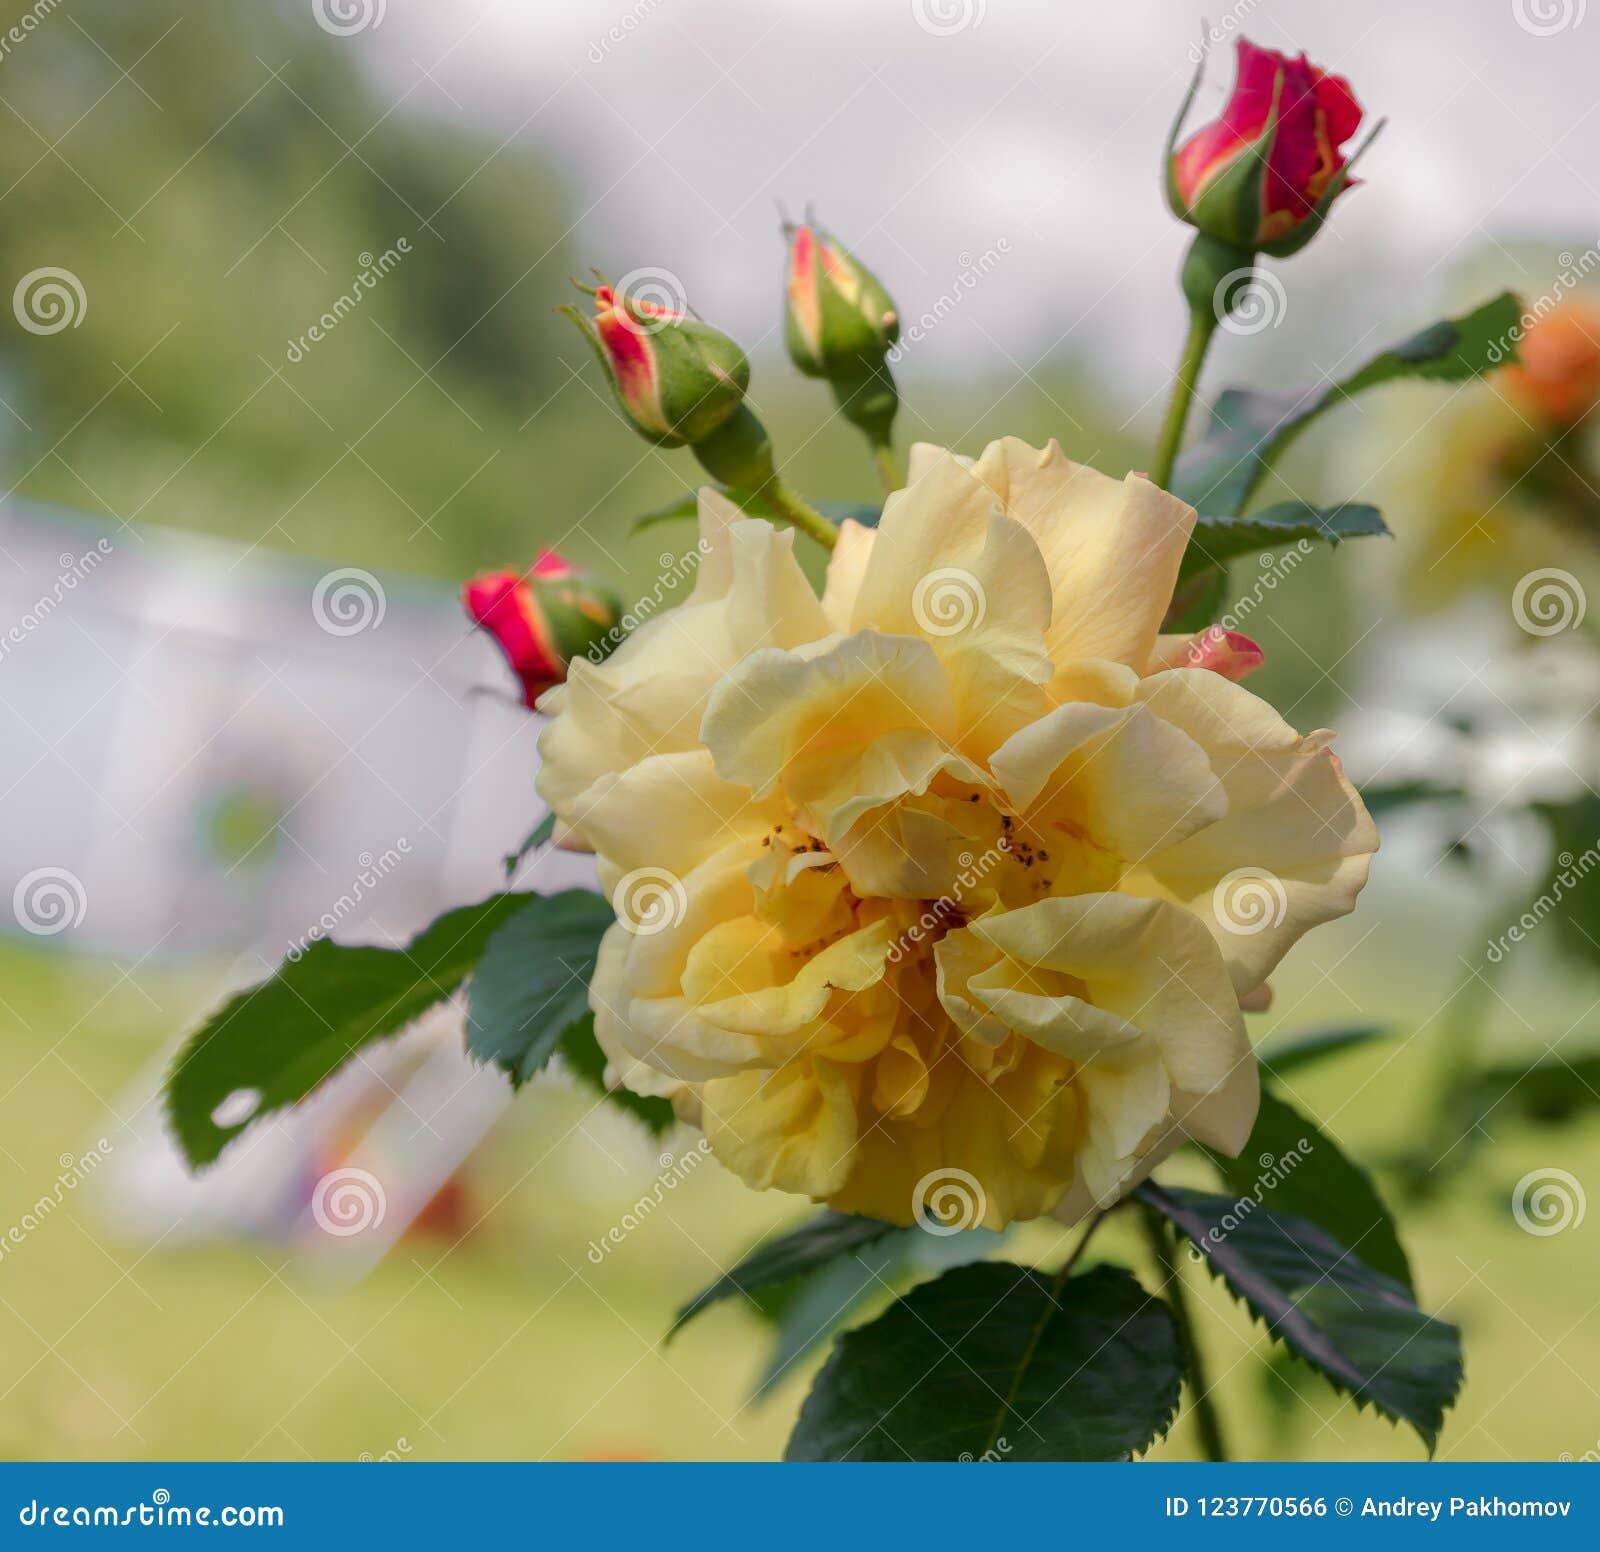 黄色玫瑰意味明亮,快乐和快乐造成温暖的感觉并且提供幸福 他们带来您和